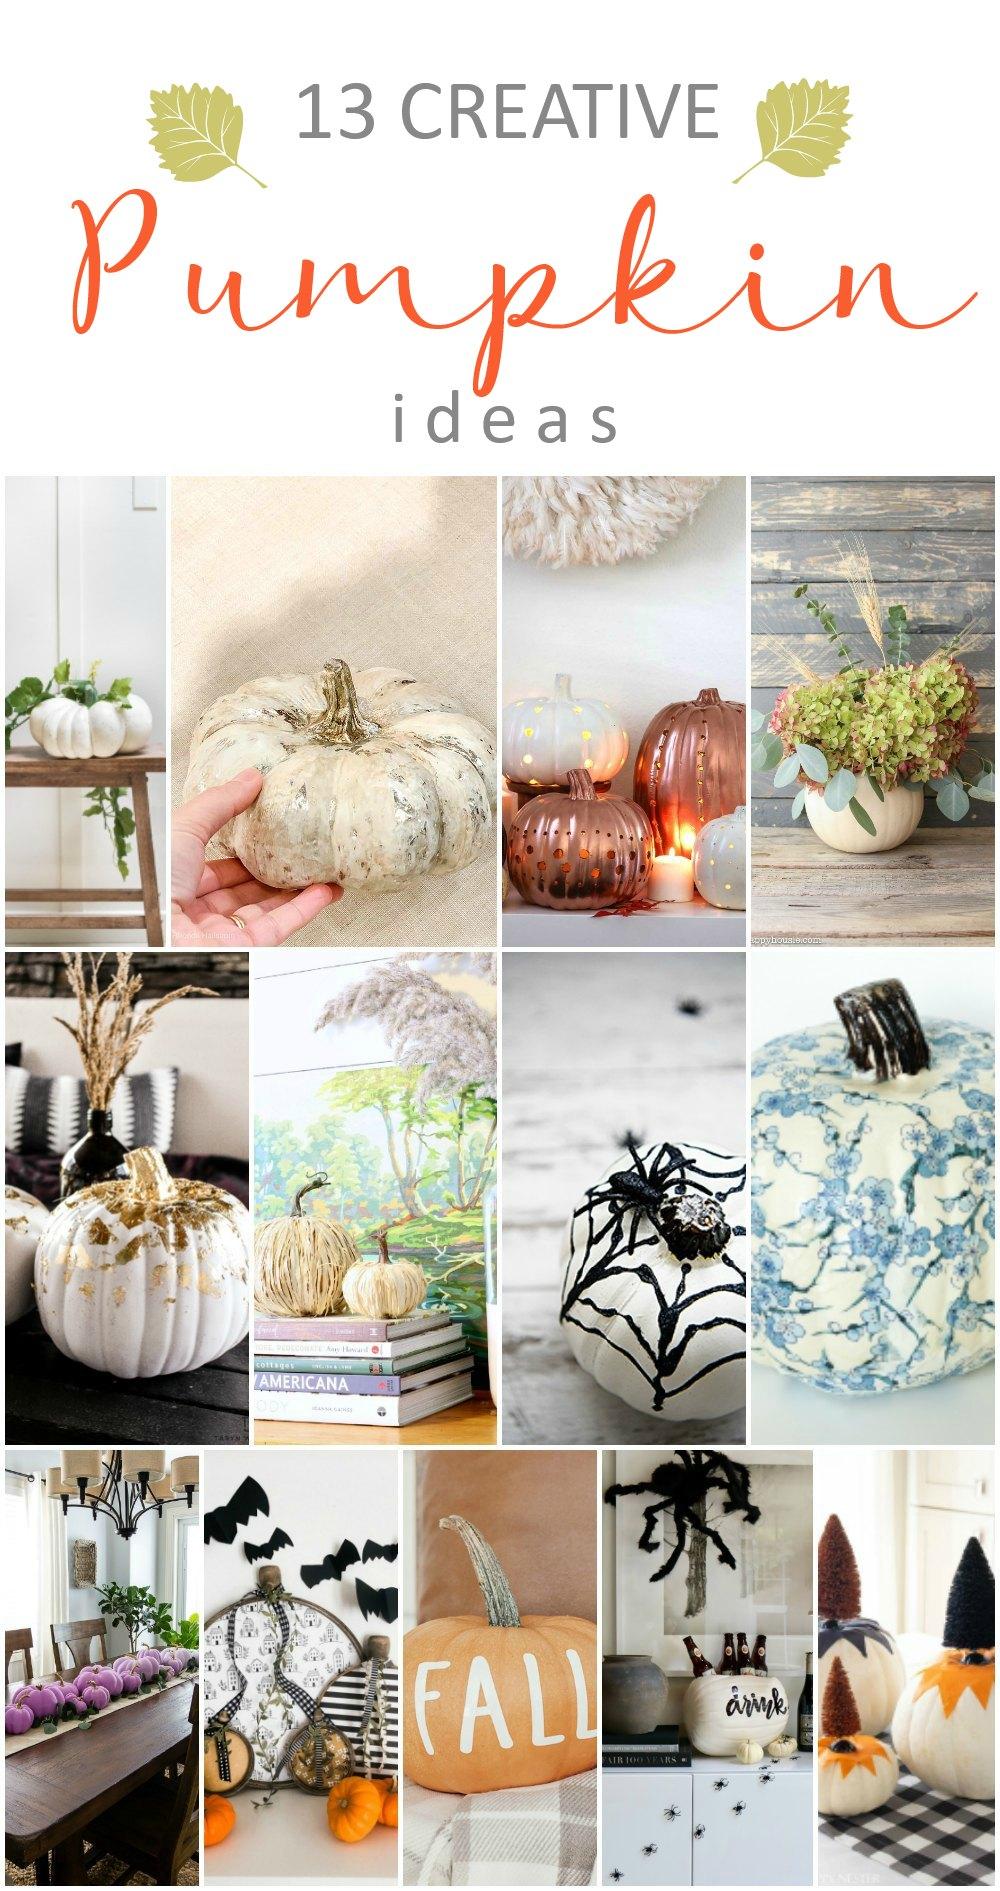 13 creative pumpkin ideas